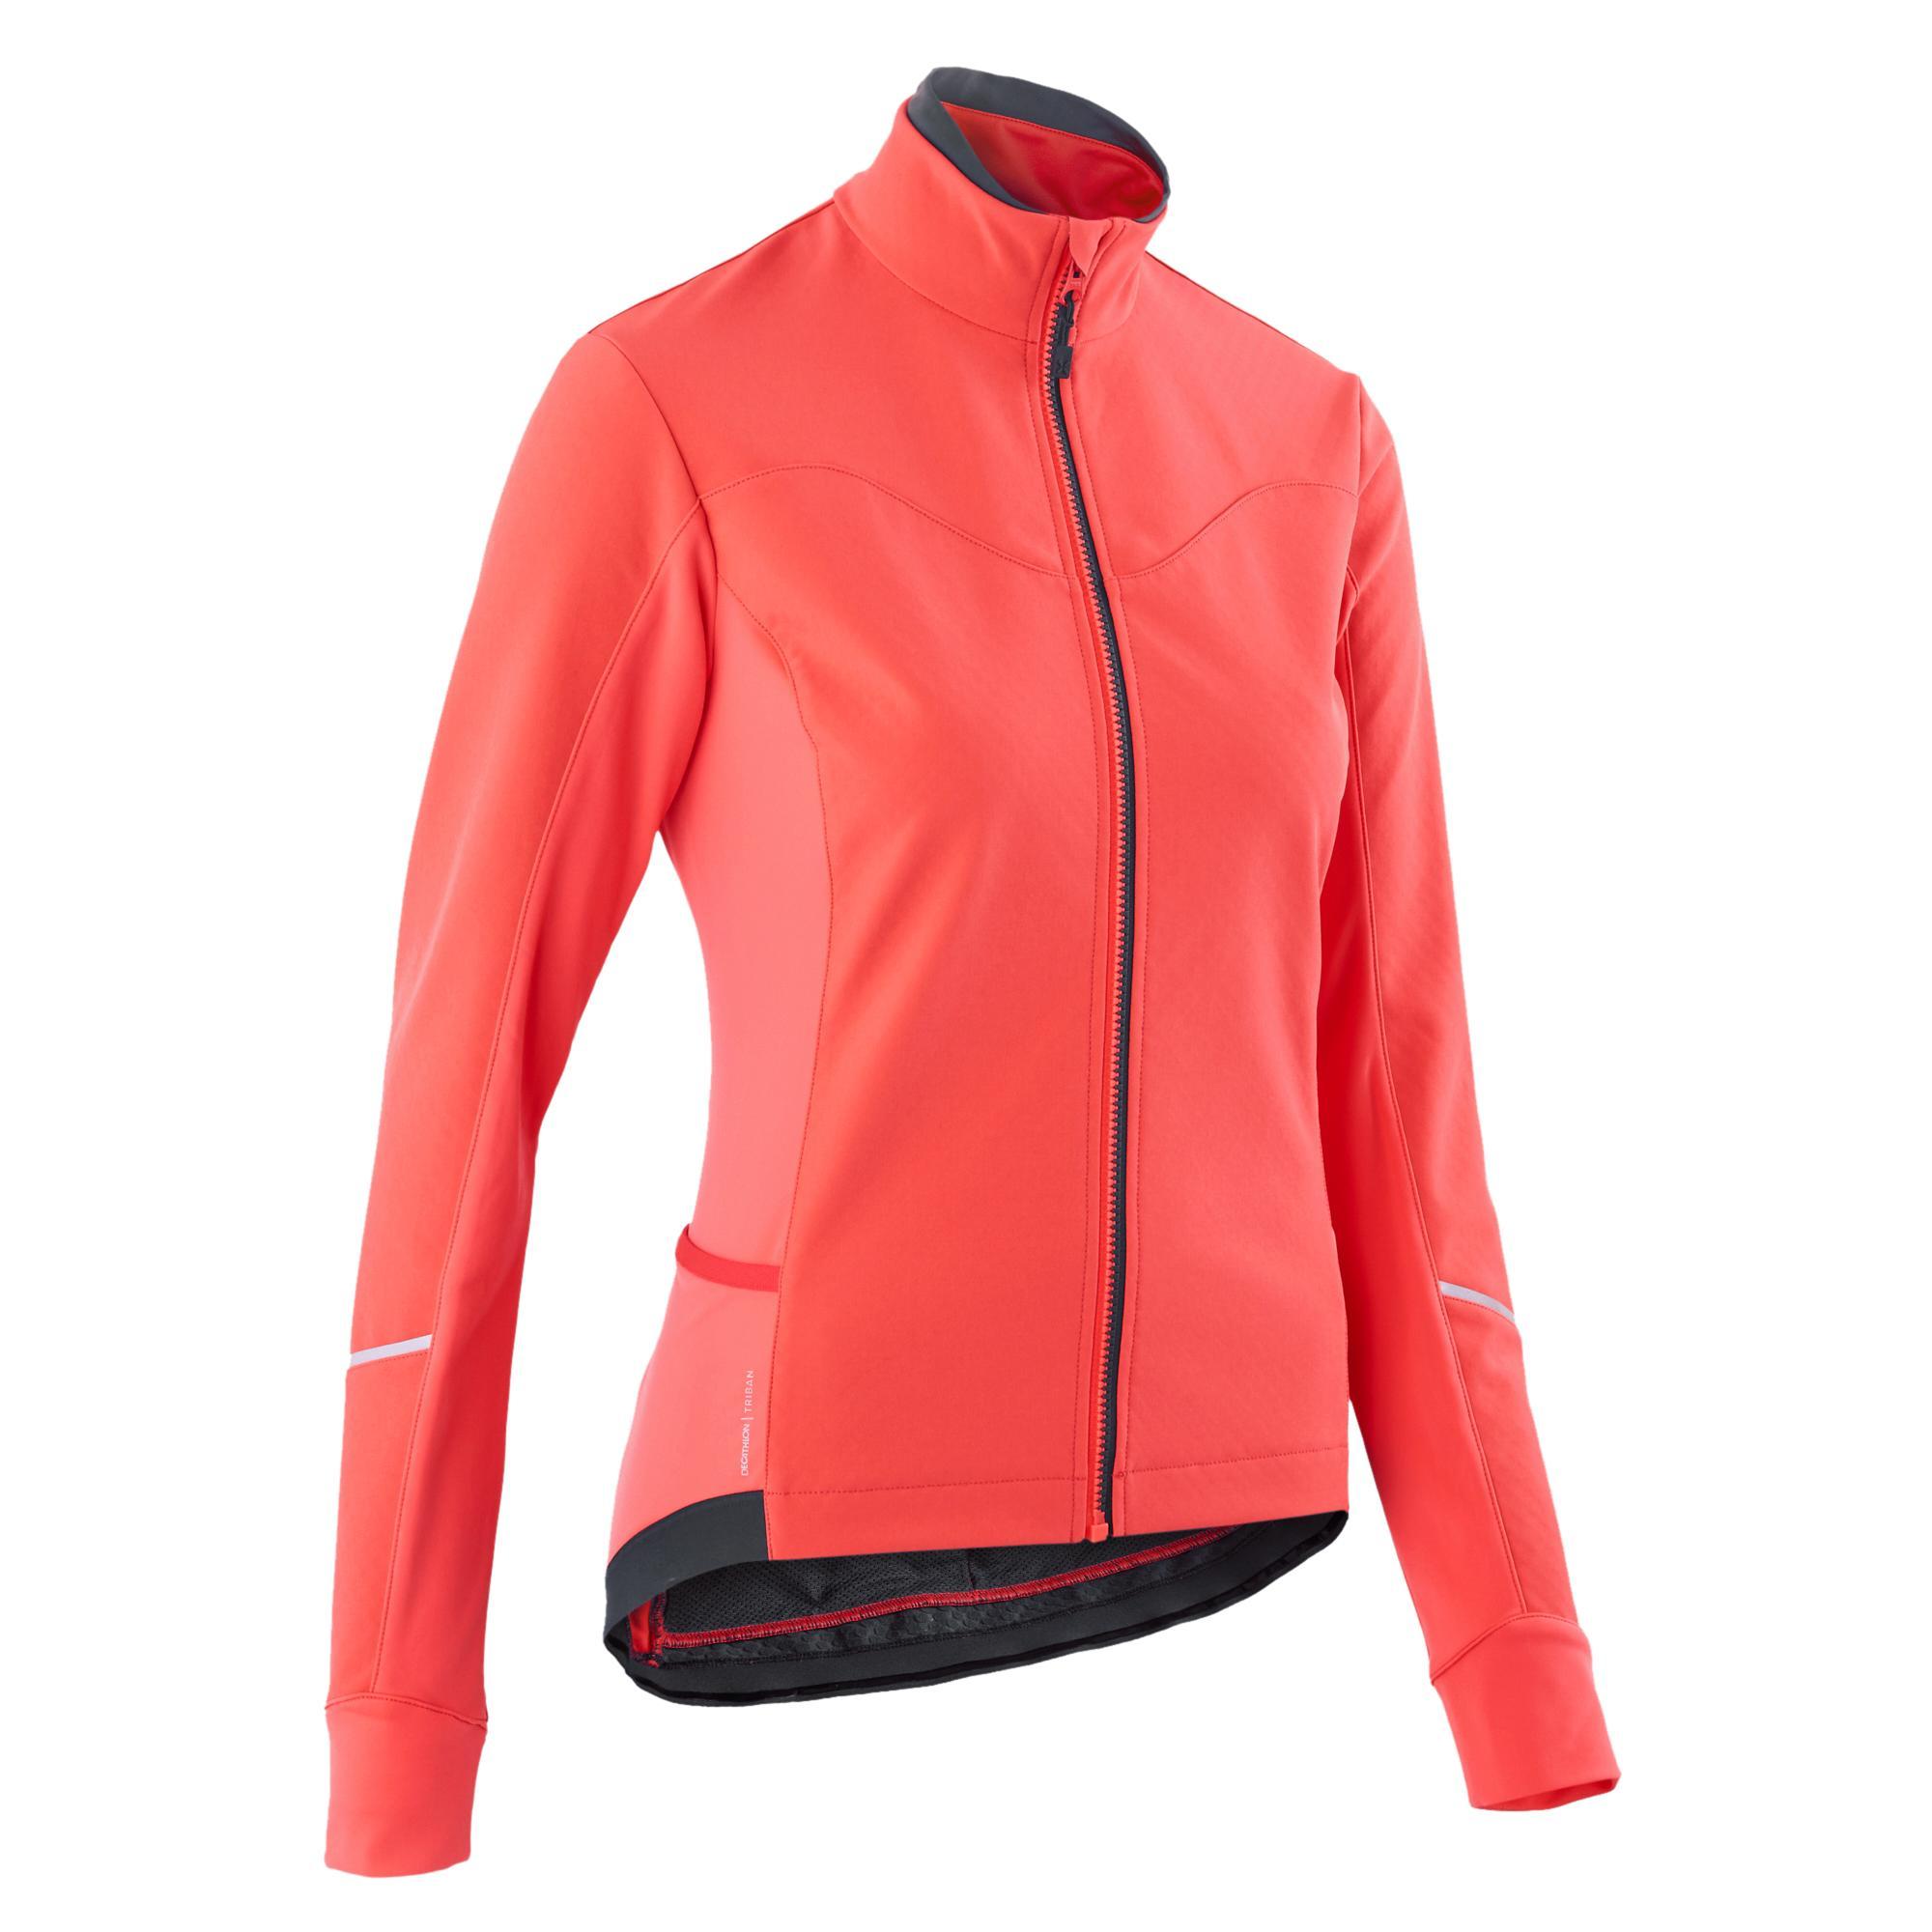 mejor sitio web mayor selección de gran inventario Comprar Chaquetas de Ciclismo Invierno | Decathlon